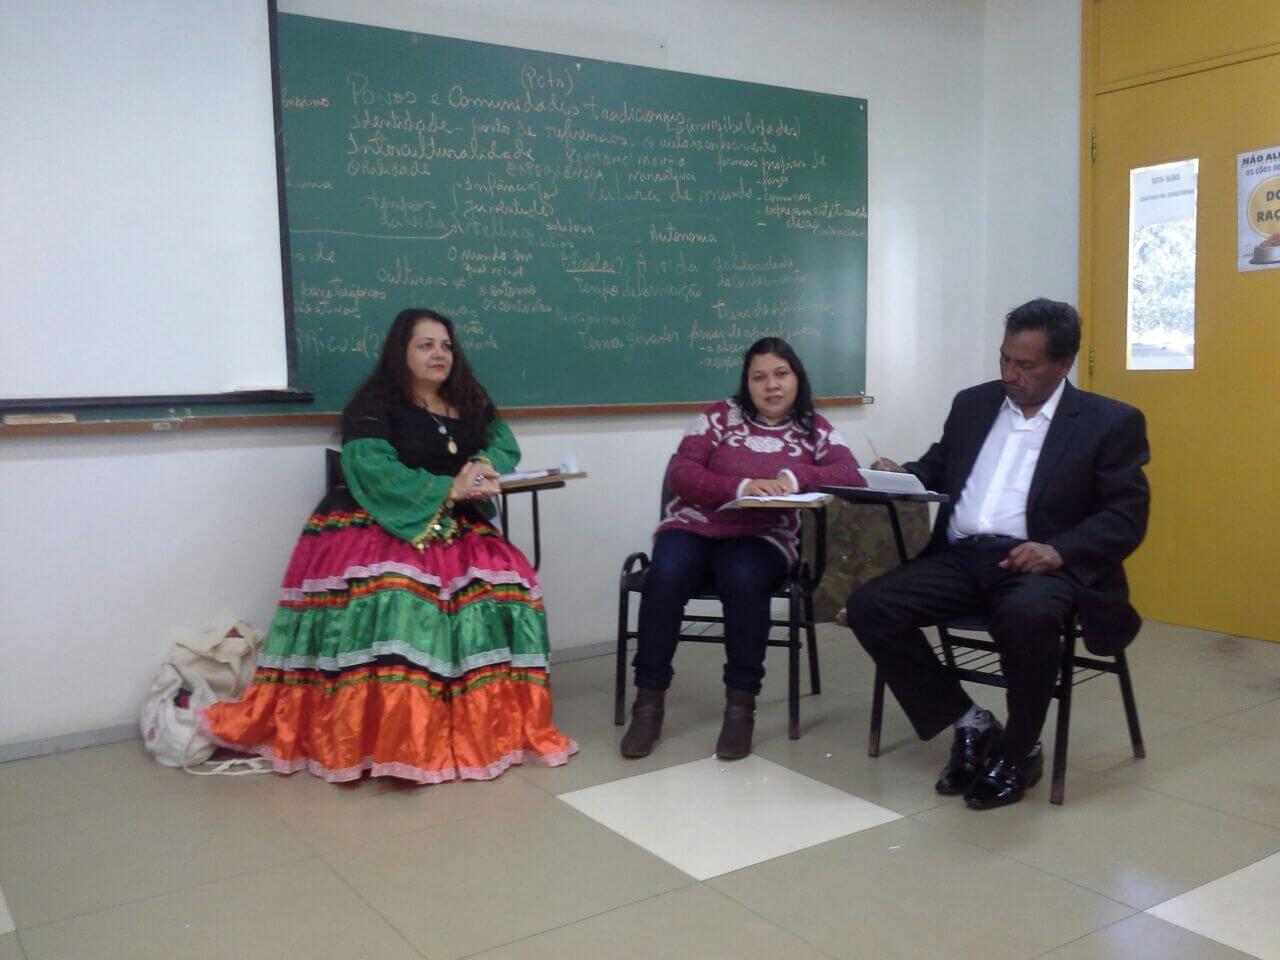 Roda de Diálogo: projeto político pedagógico e papel da